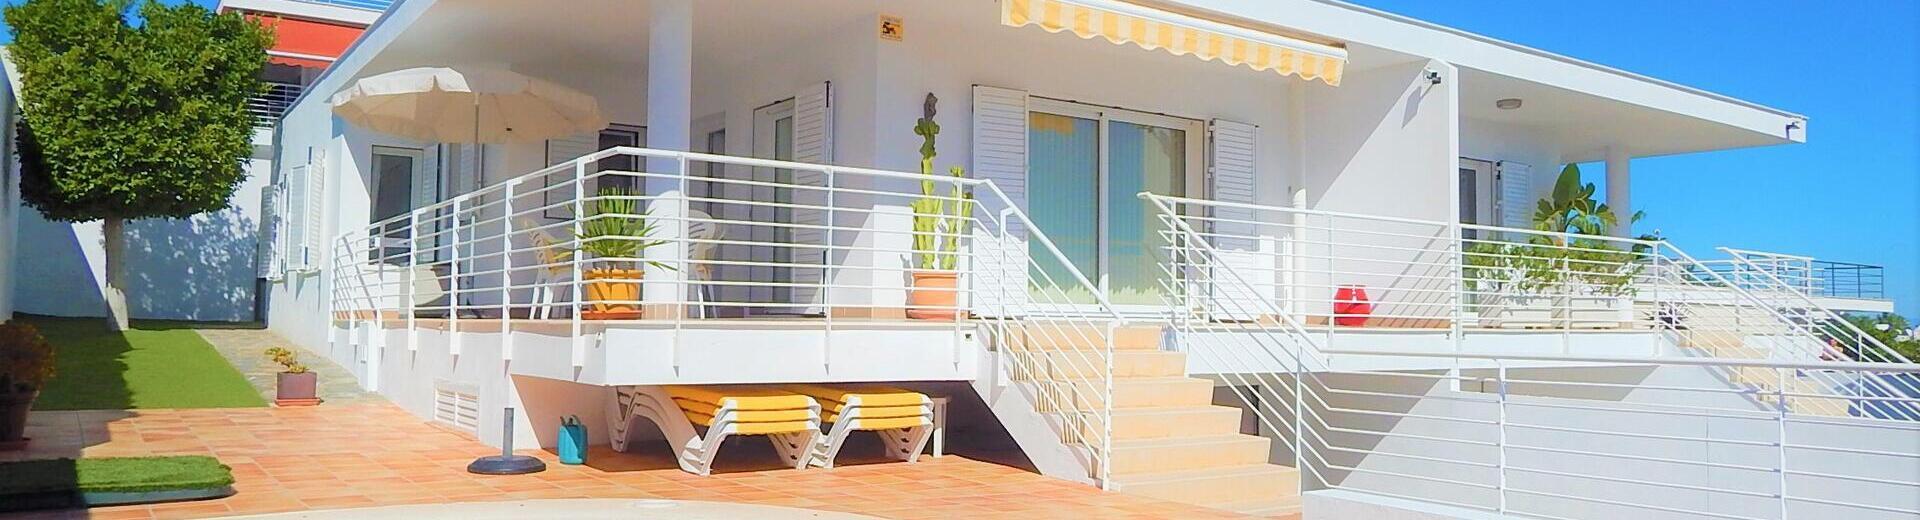 VIP7649: Villa en Venta